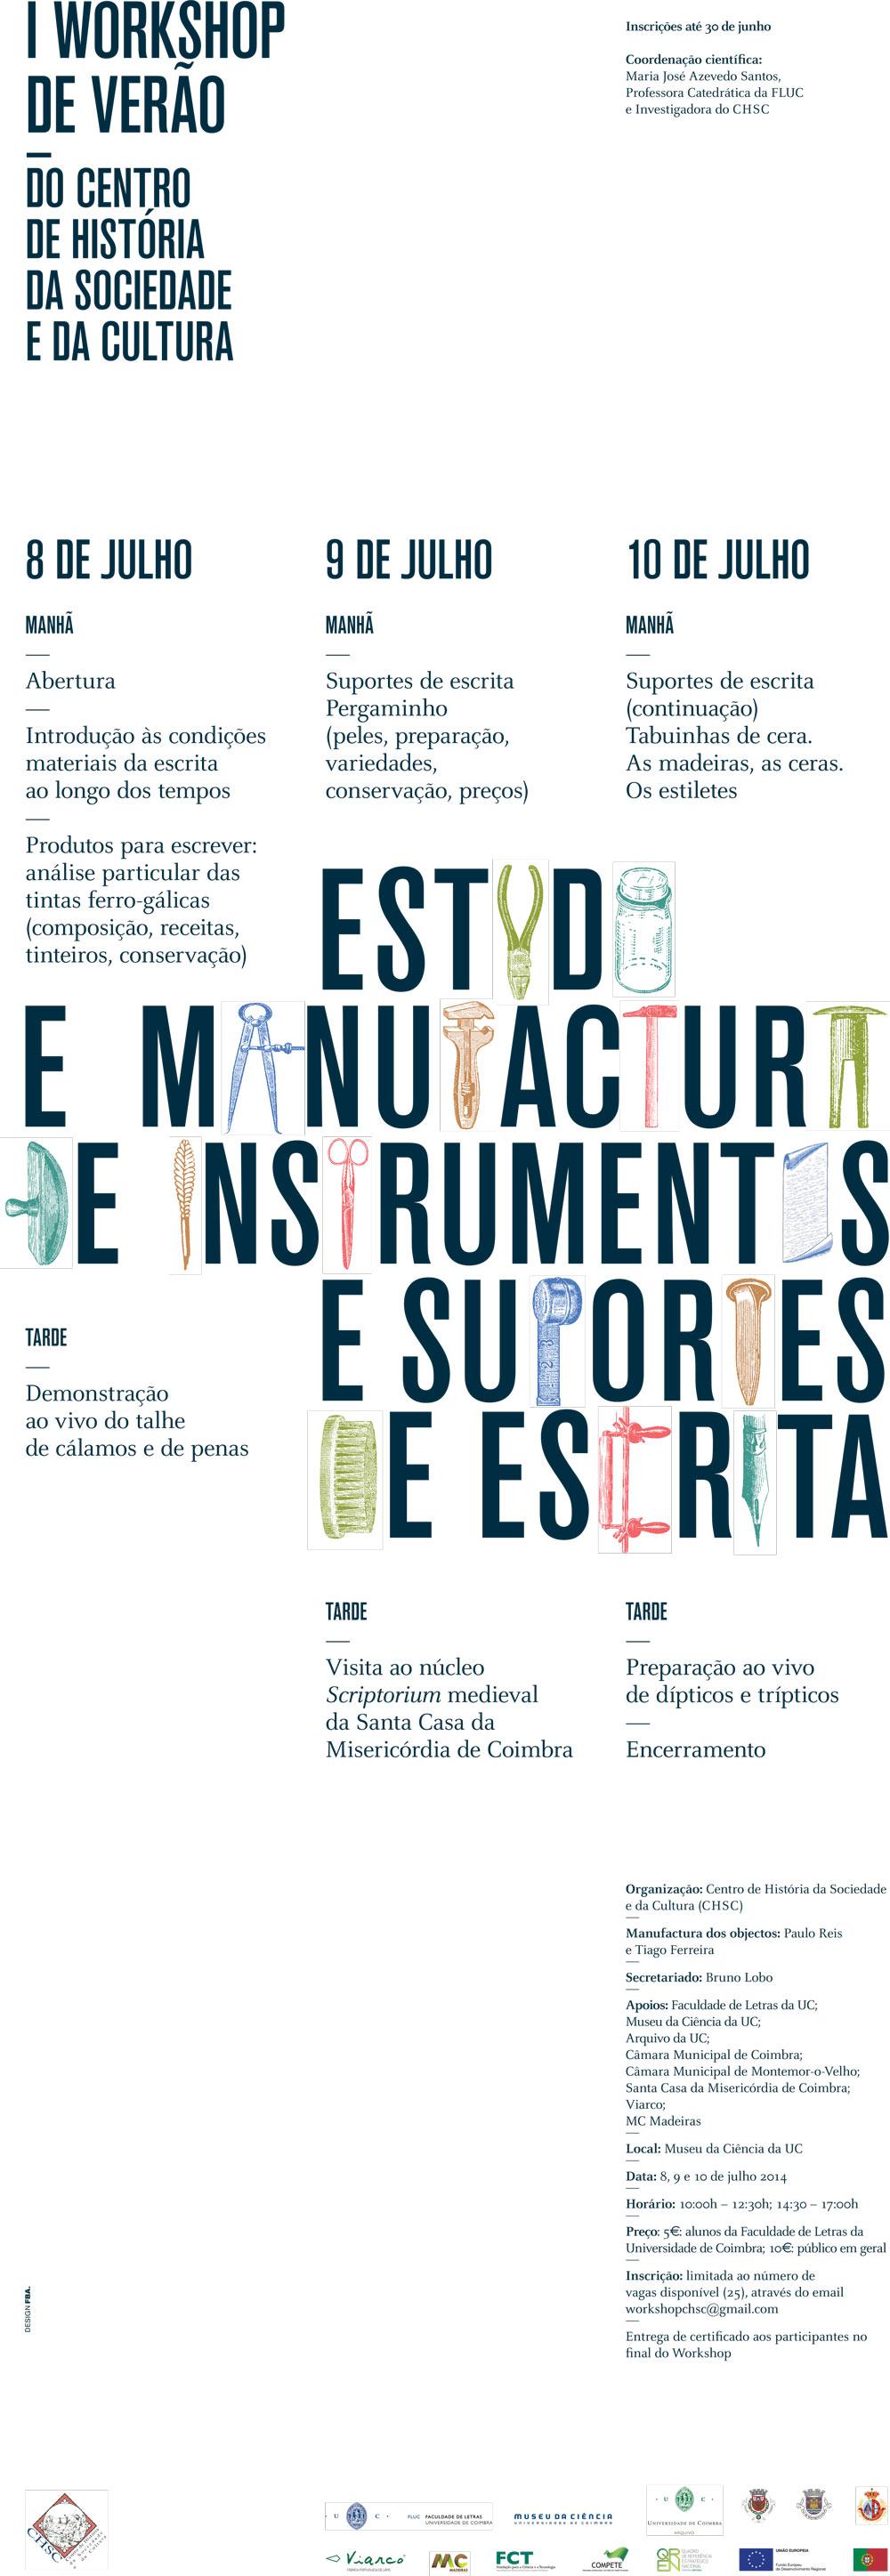 chsc_workshop_verao_cartaz